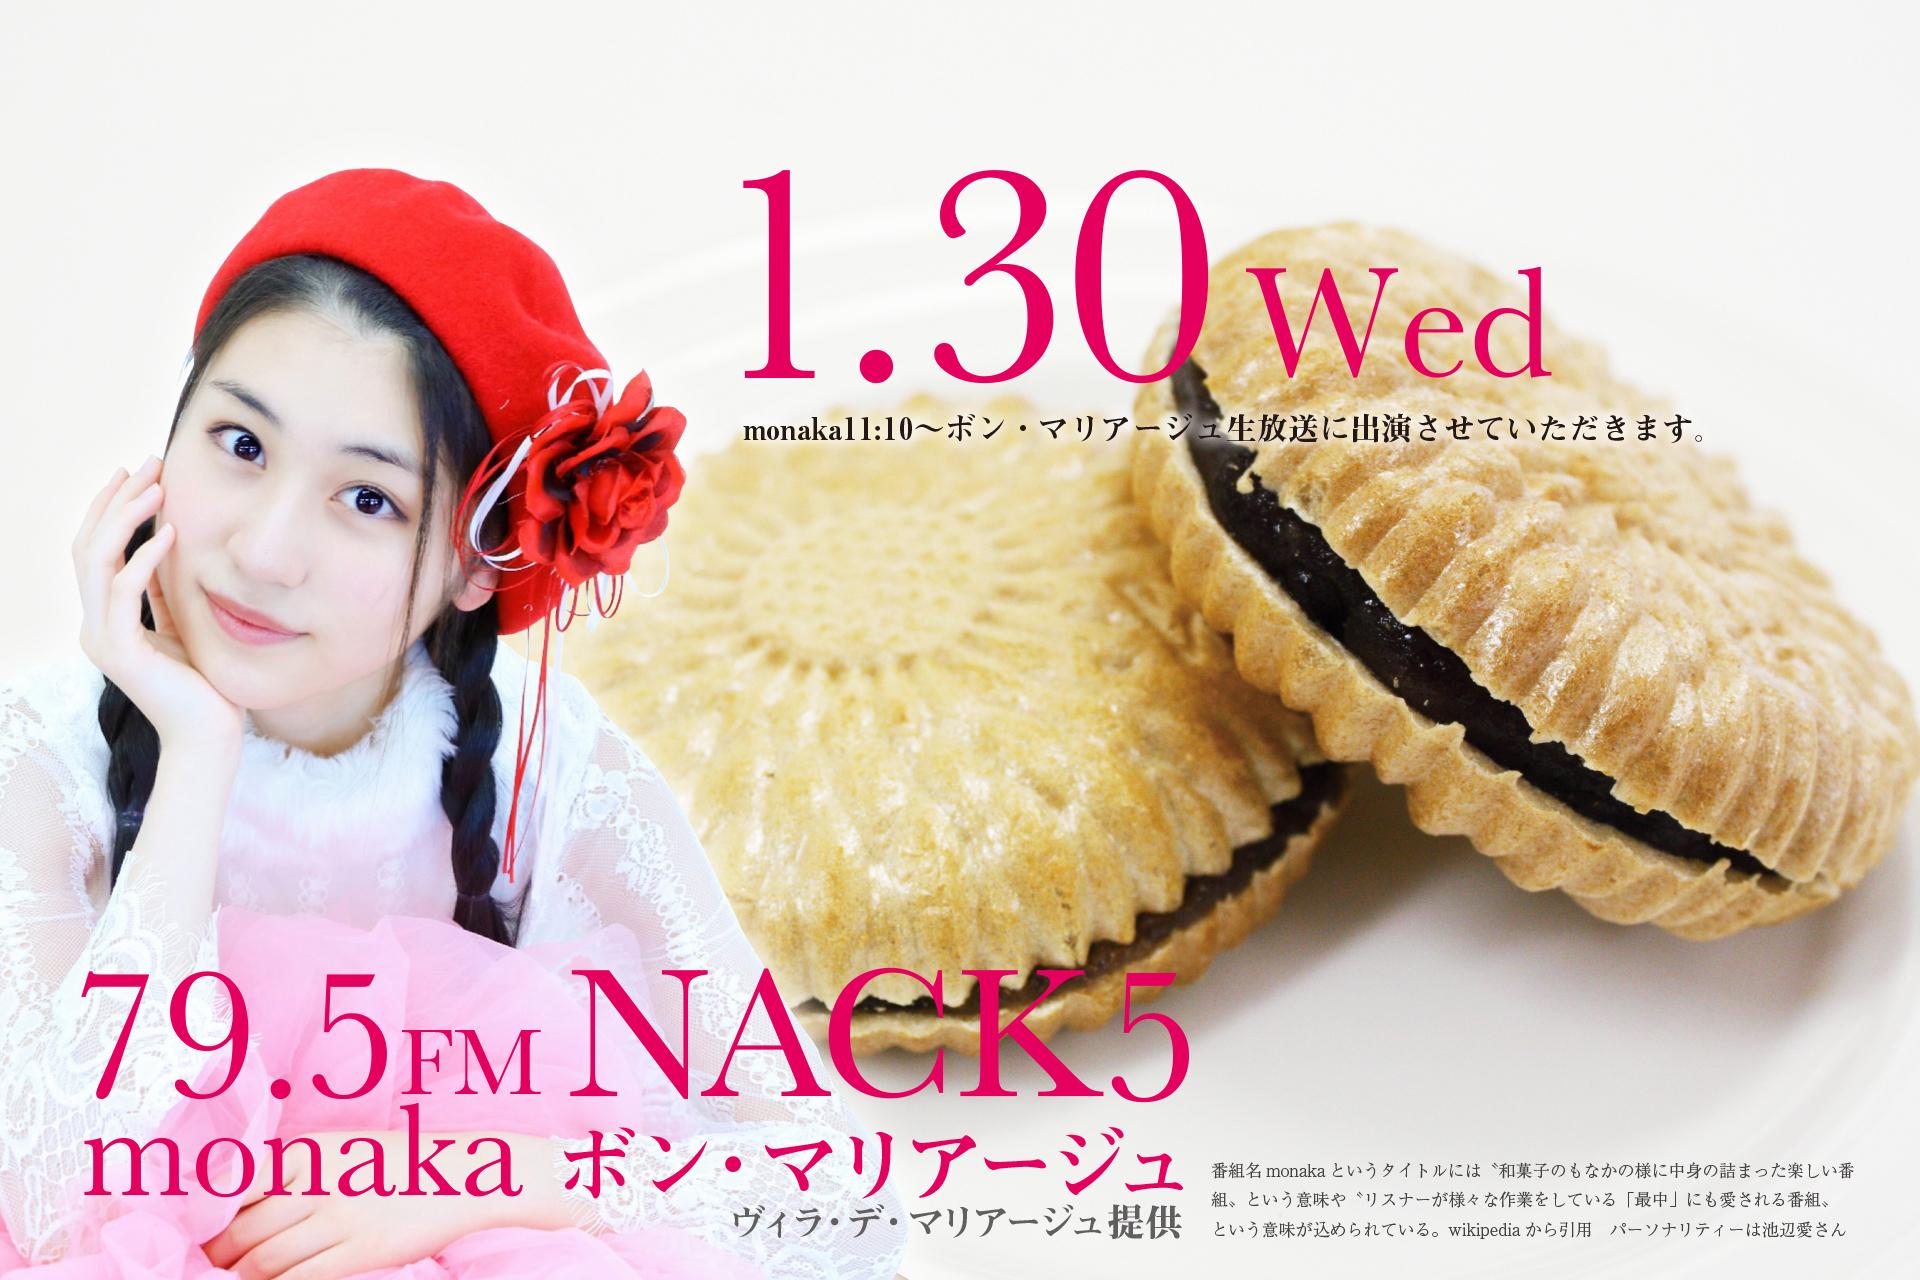 1/30(水)FM NACK5 monakaボン・マリアージュ生放送出演